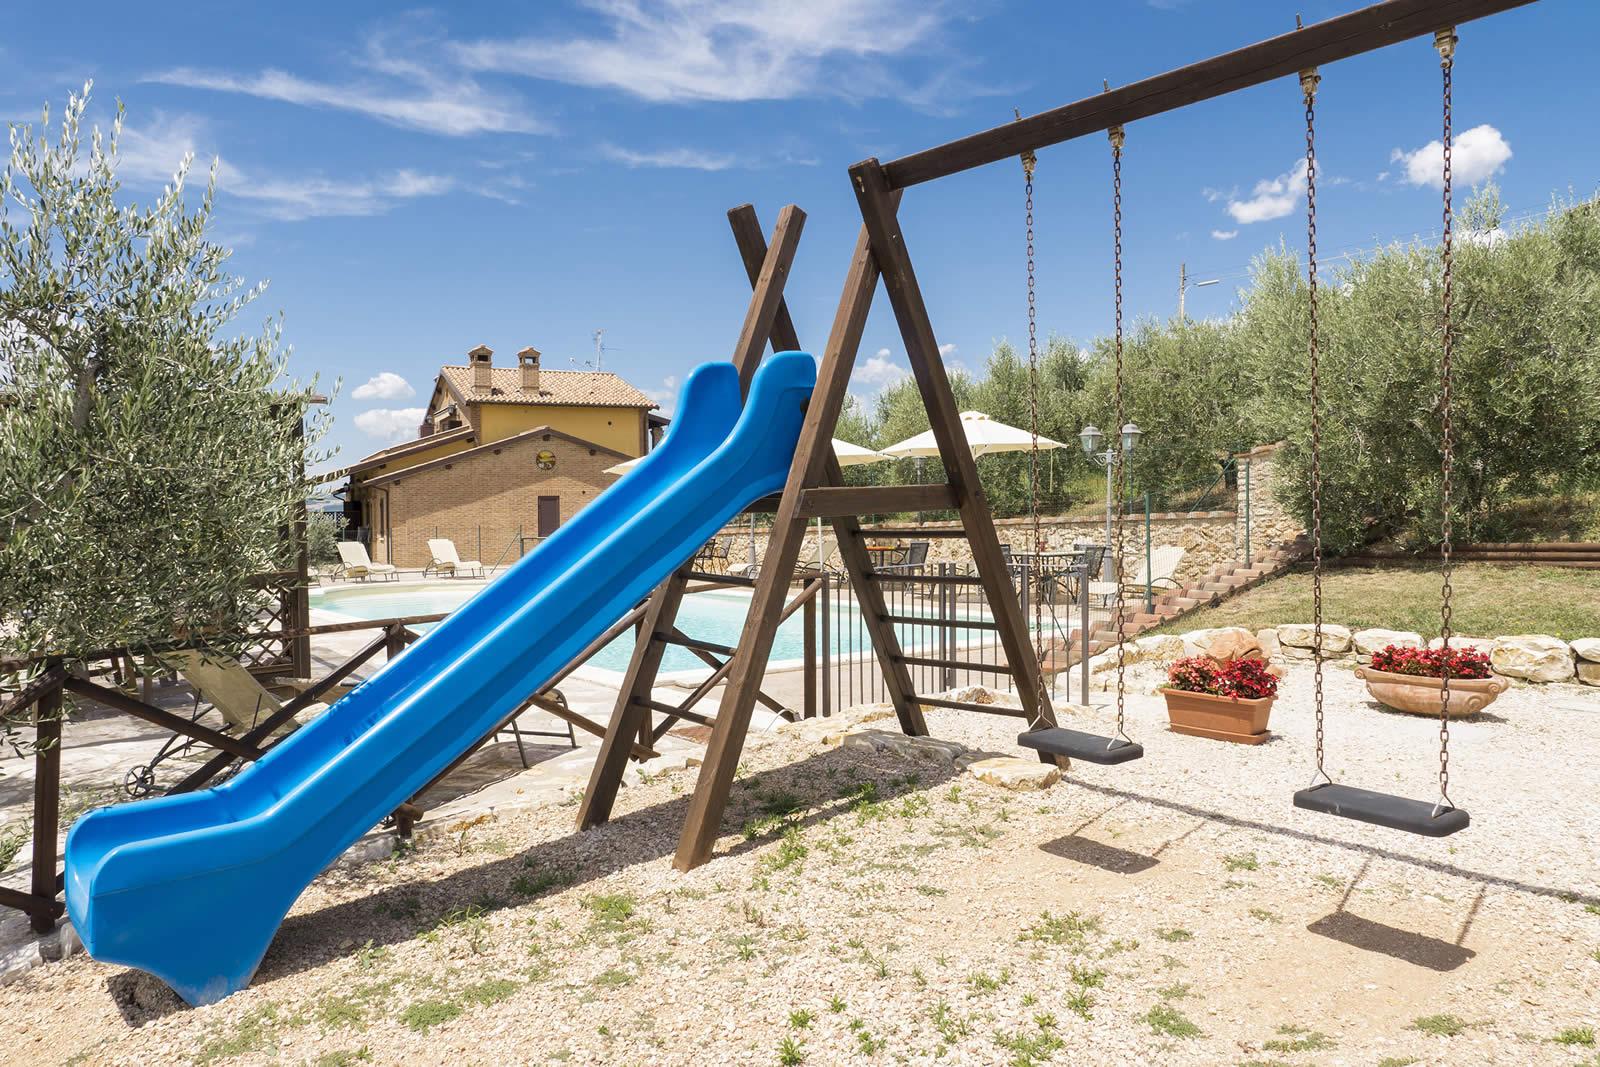 AGOSTO e FERRAGOSTO in Hotel con piscina in aperta campagna in Umbria